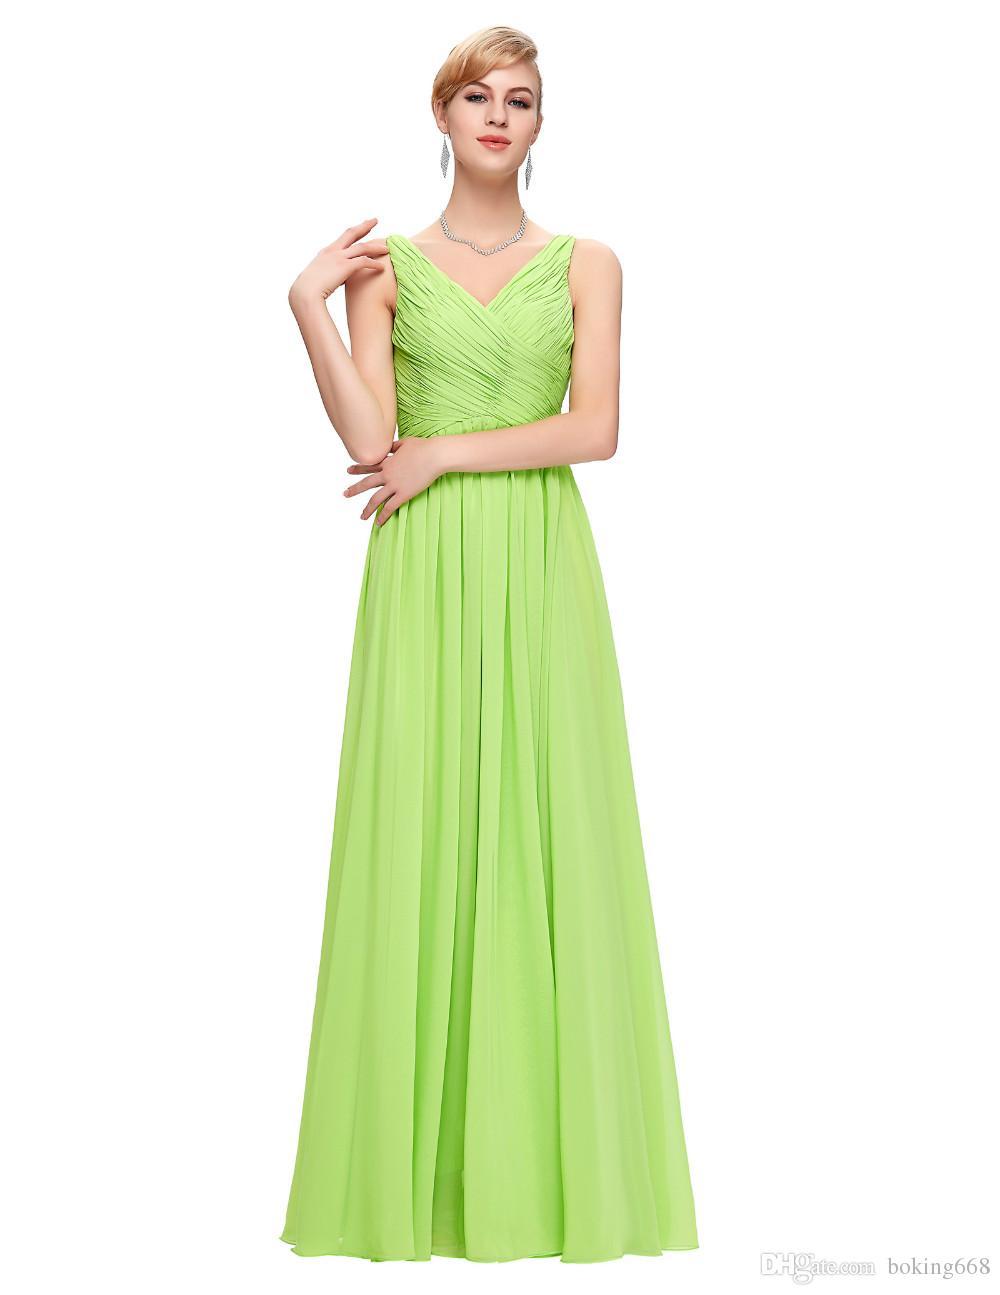 87cfe1f493c5 Acquista Abiti Da Ballo Lunghi Senza Maniche Verde 2018 Scollo Profondo Con  Scollo A V Increspature Prom Dress A Line Abiti Da Sera Formale Sexy ...